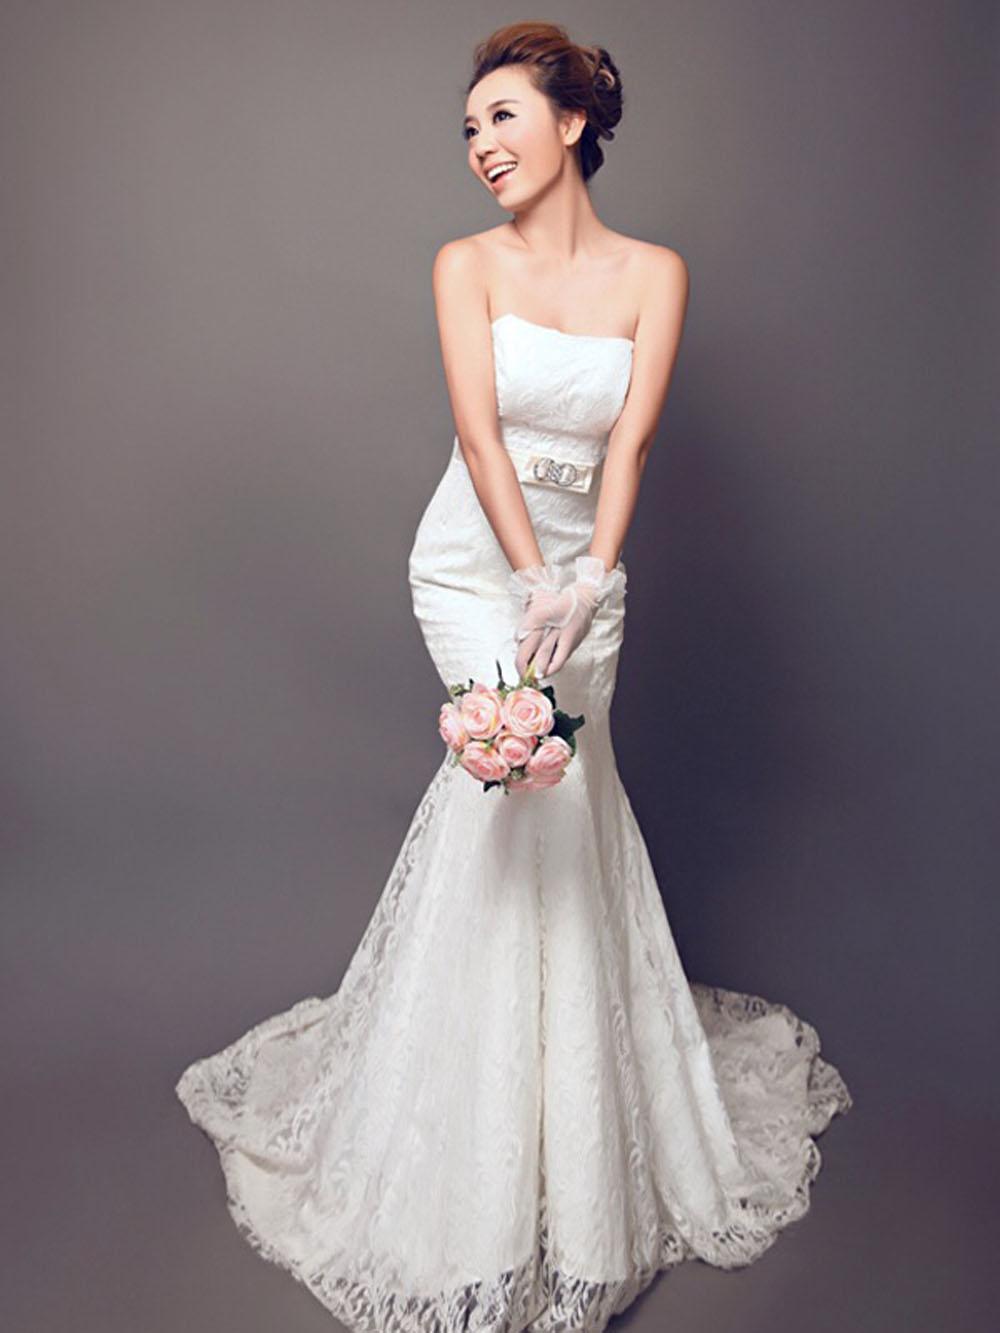 纯背景韩式婚纱照图片